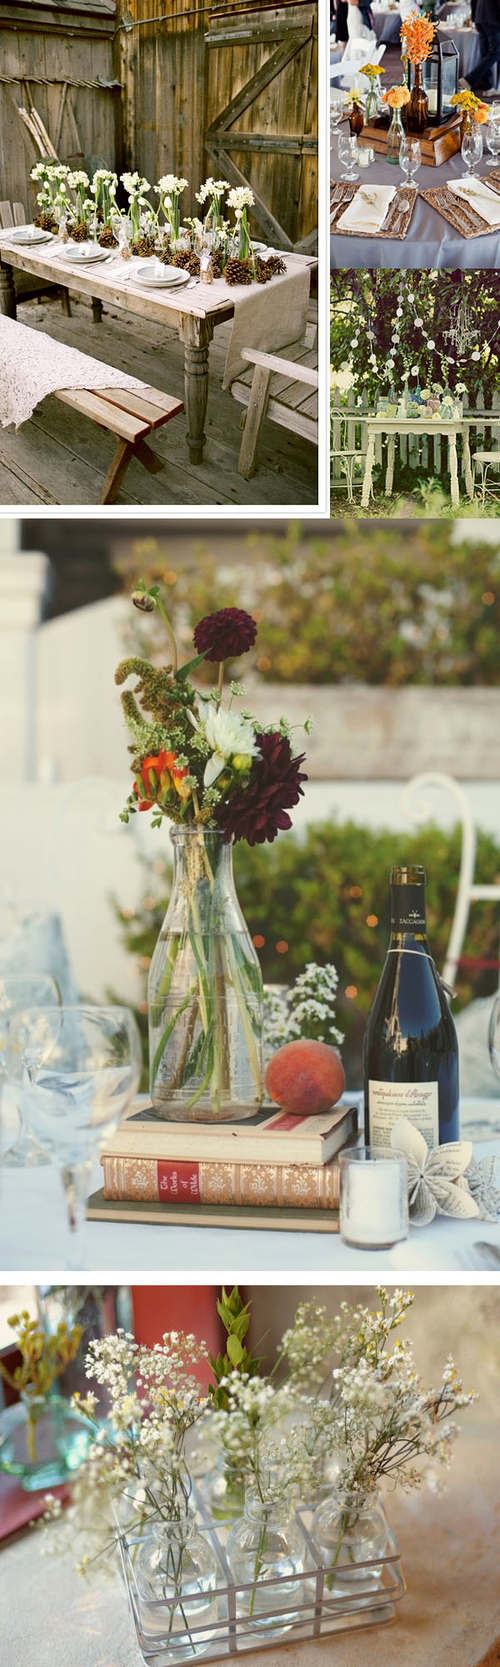 Lọ thủy tinh trong hoặc nhiều màu đều là bình cắm hoa đẹp.